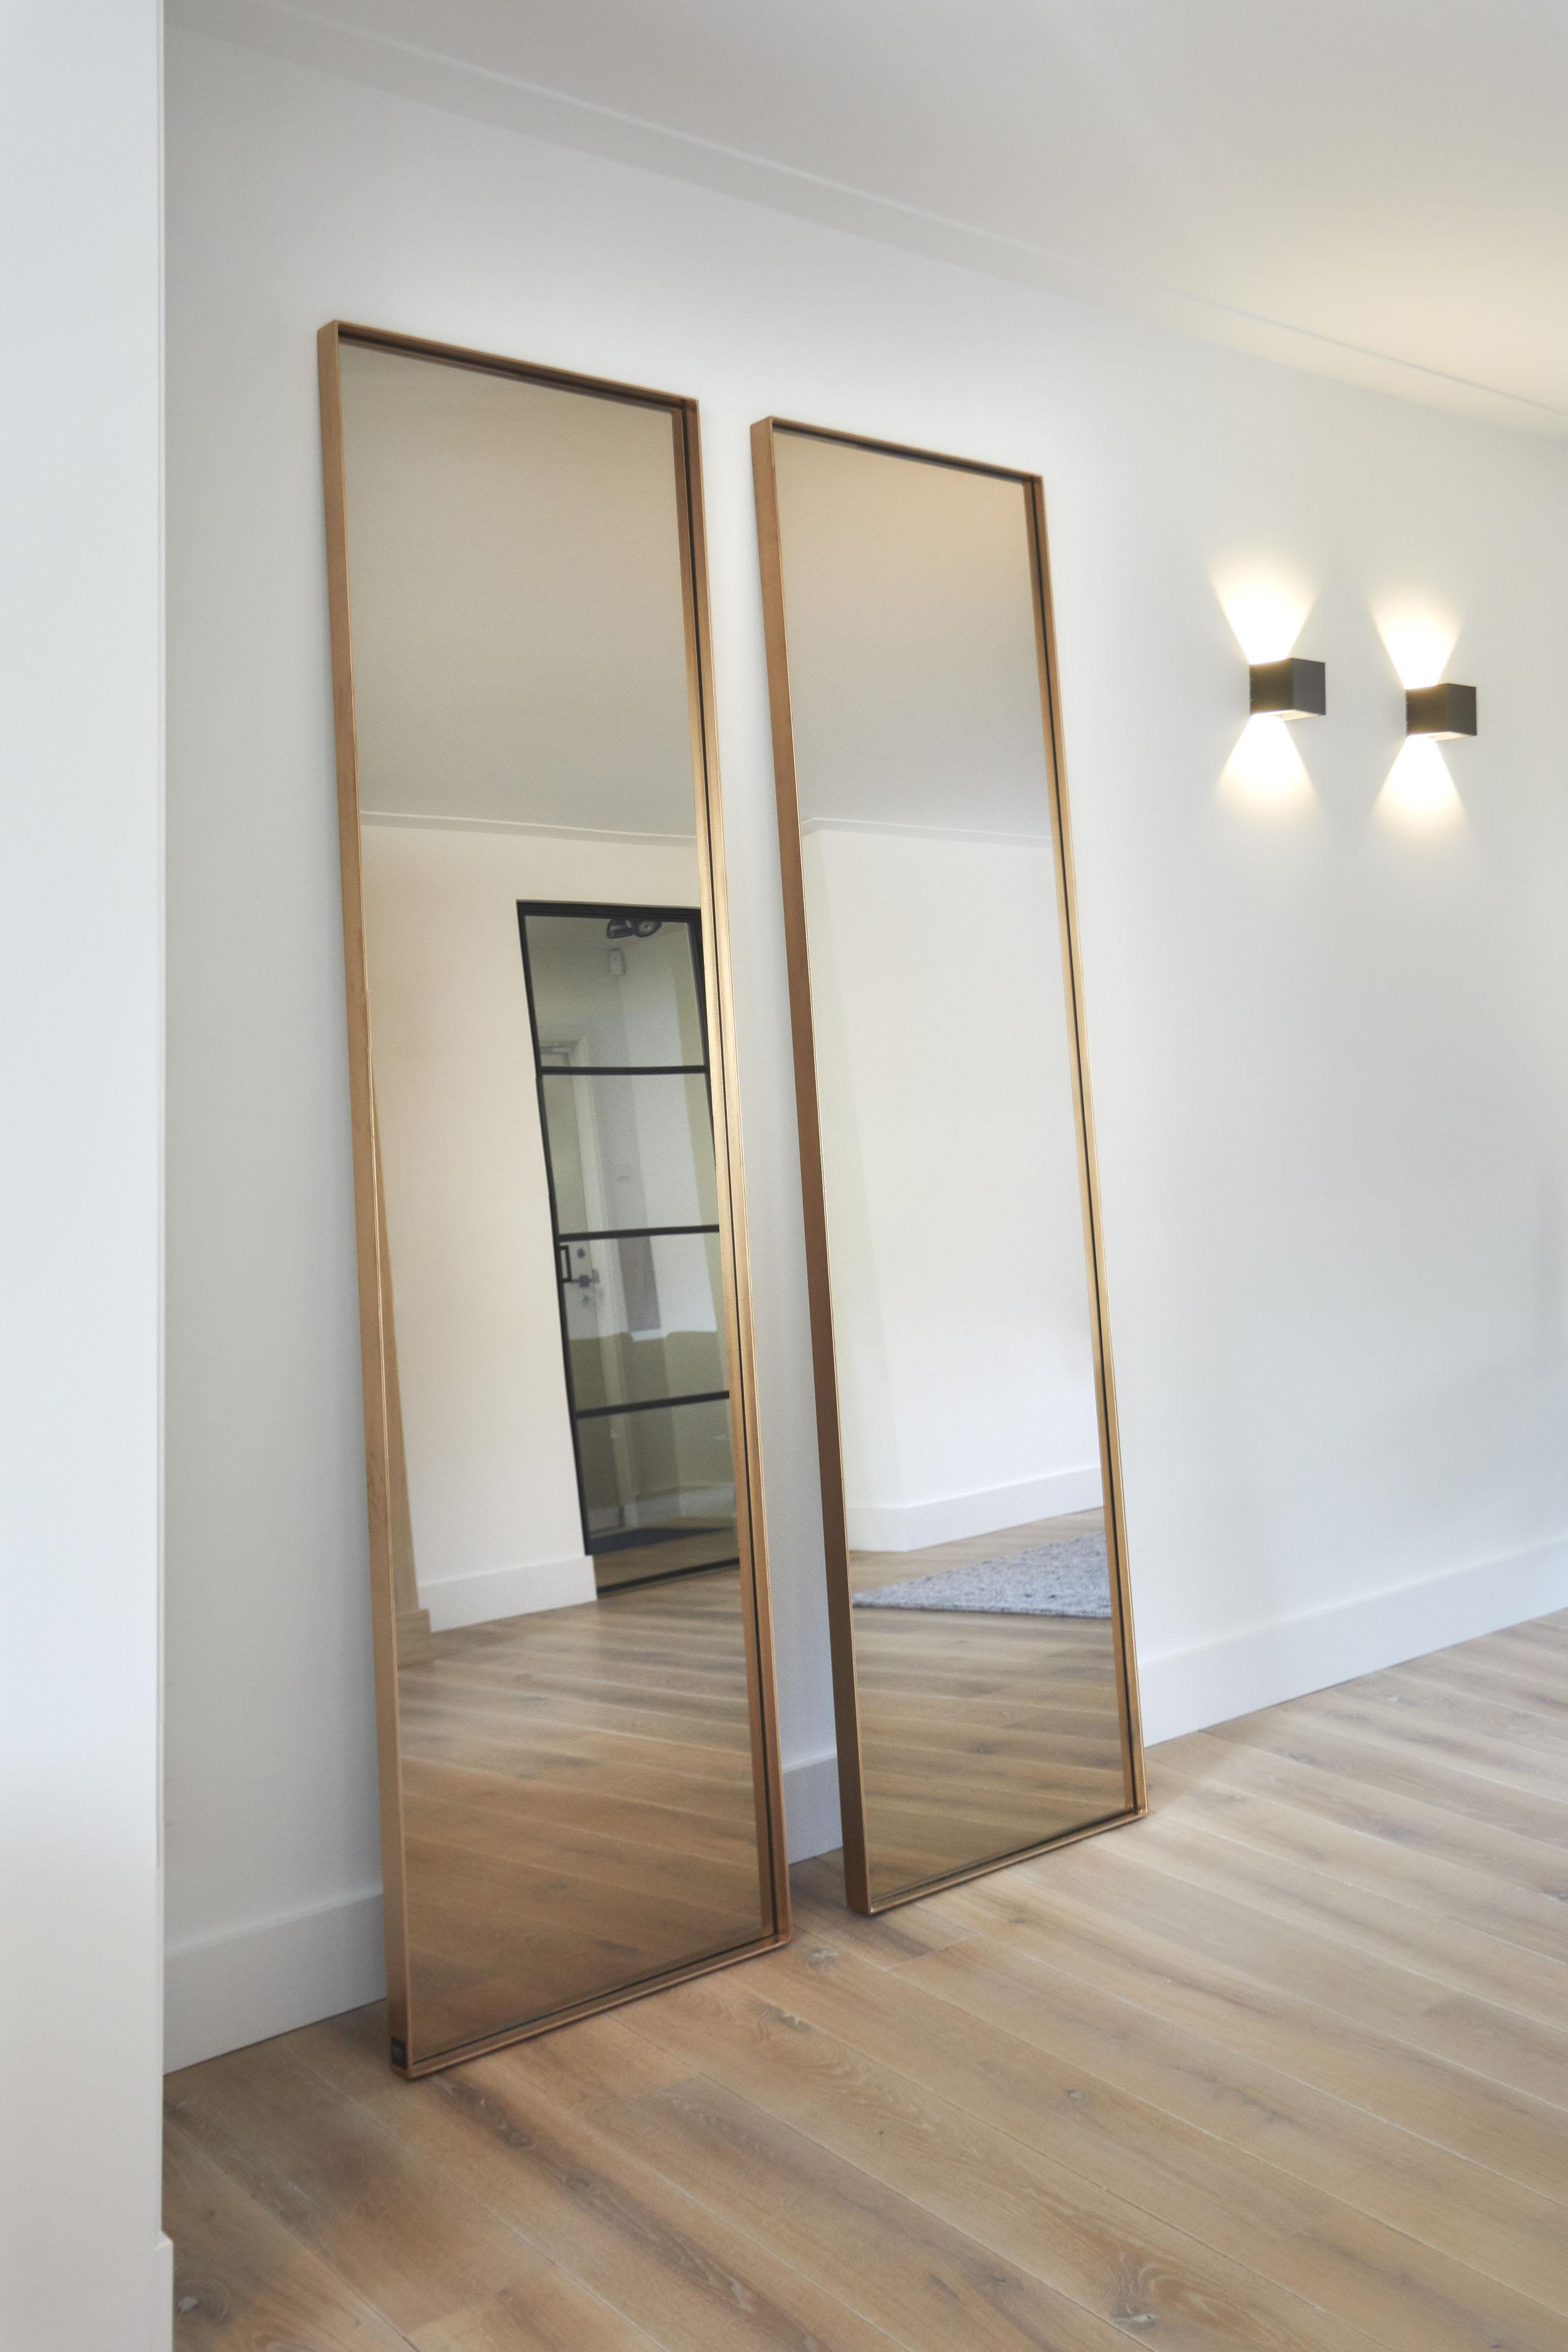 New Trend: grote spiegels als eye-catcher - Frontstaal.com #QW16